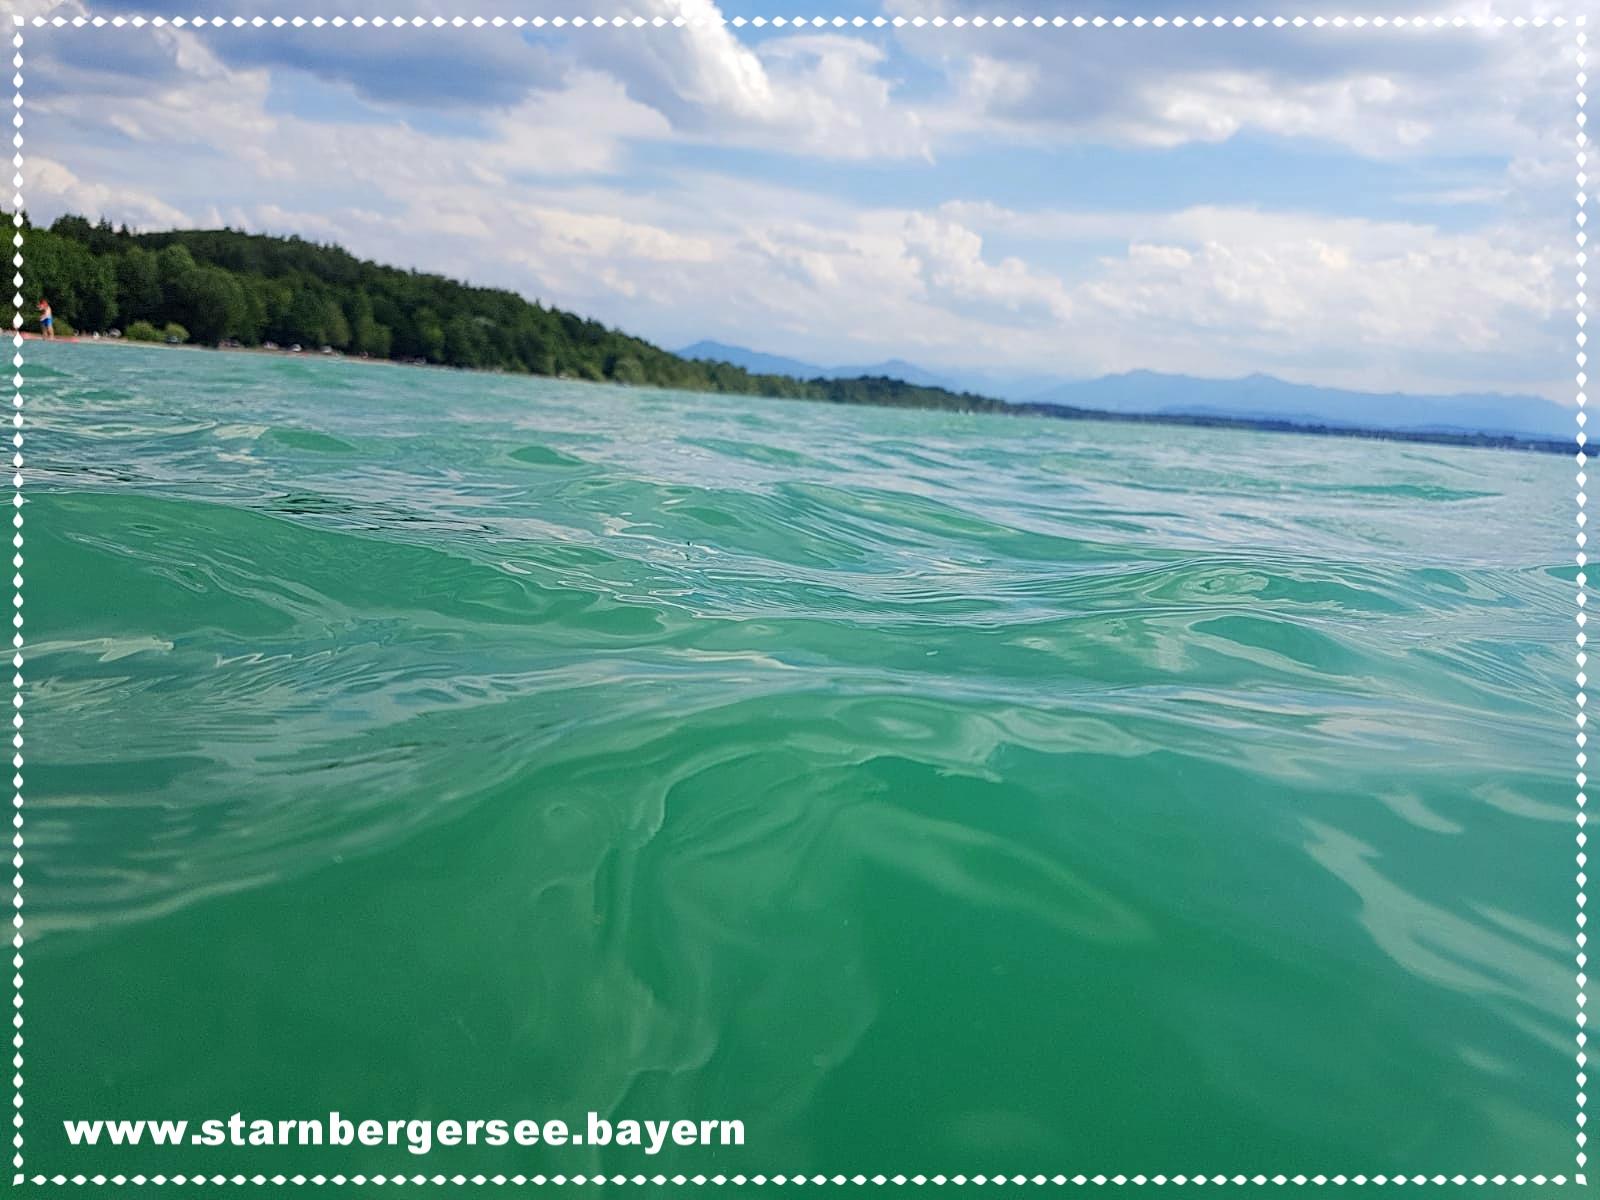 Erholungsgebiet Ambach - Starnberger See